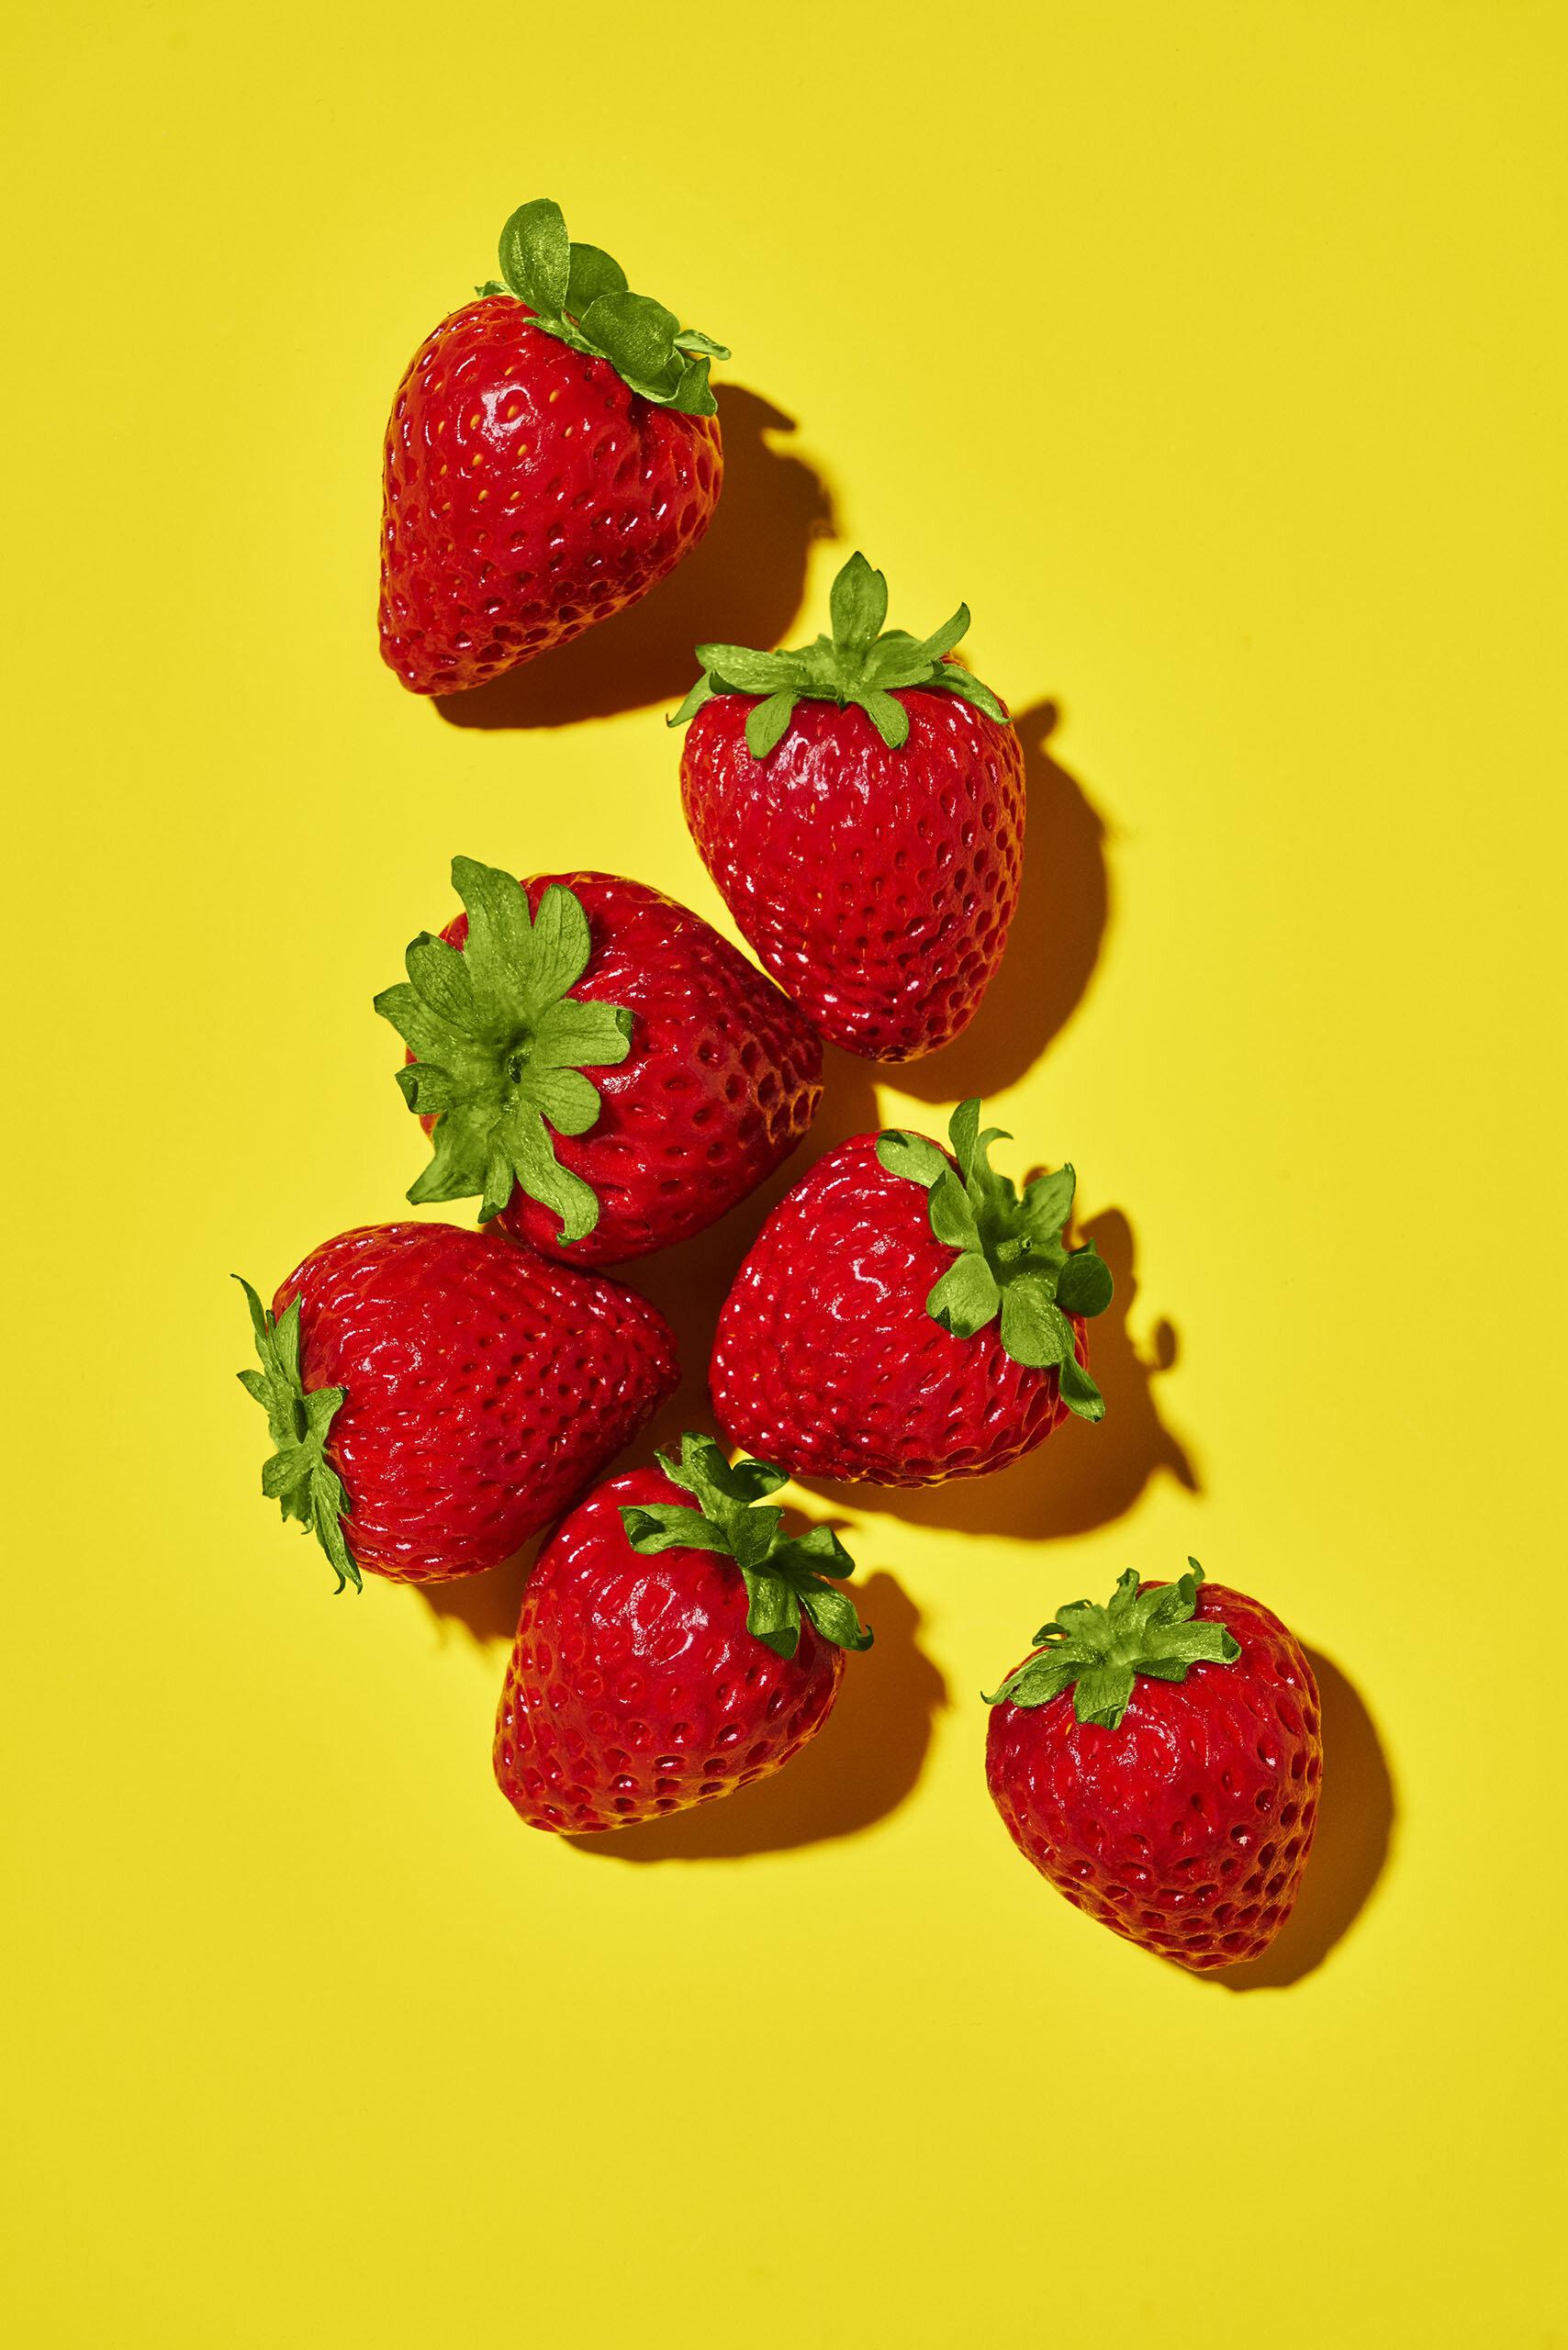 190529-PLENTY-StrawberrySlice-0004_C.jpg